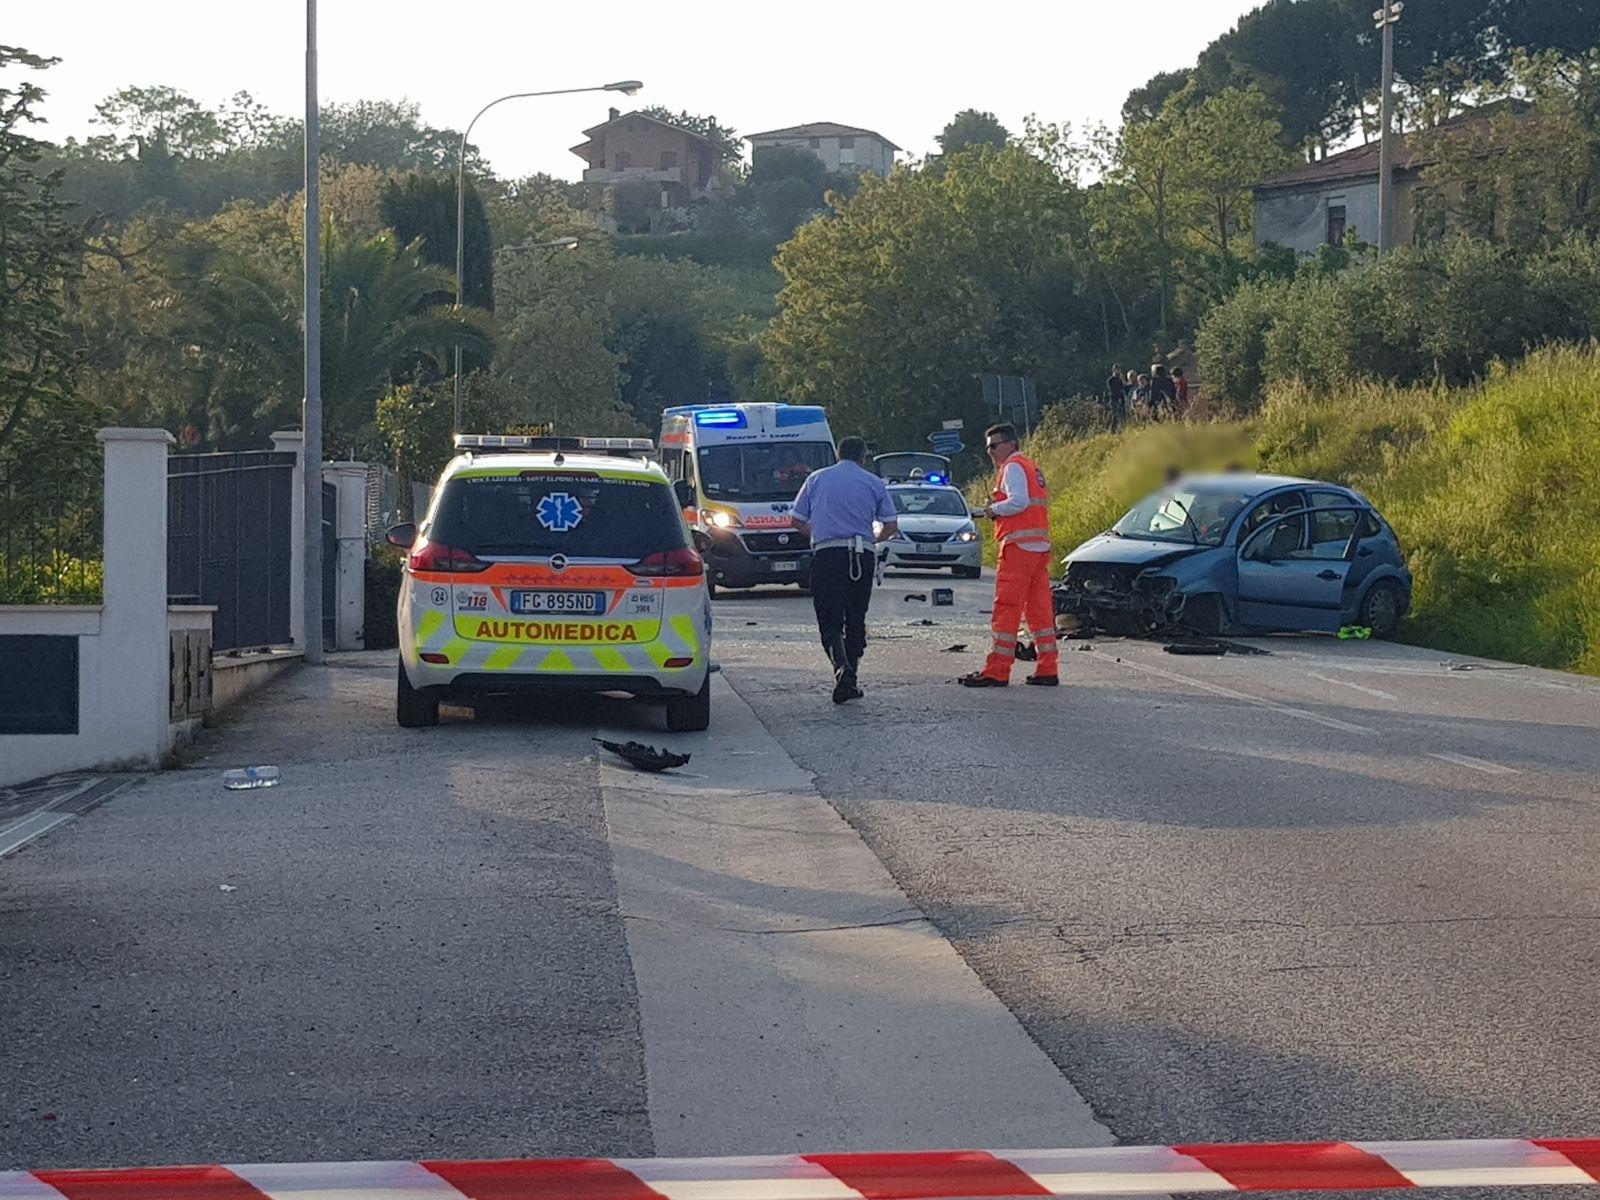 Incidente sull'Elpidiense: muore 46enne, l'automobilista a Torrette